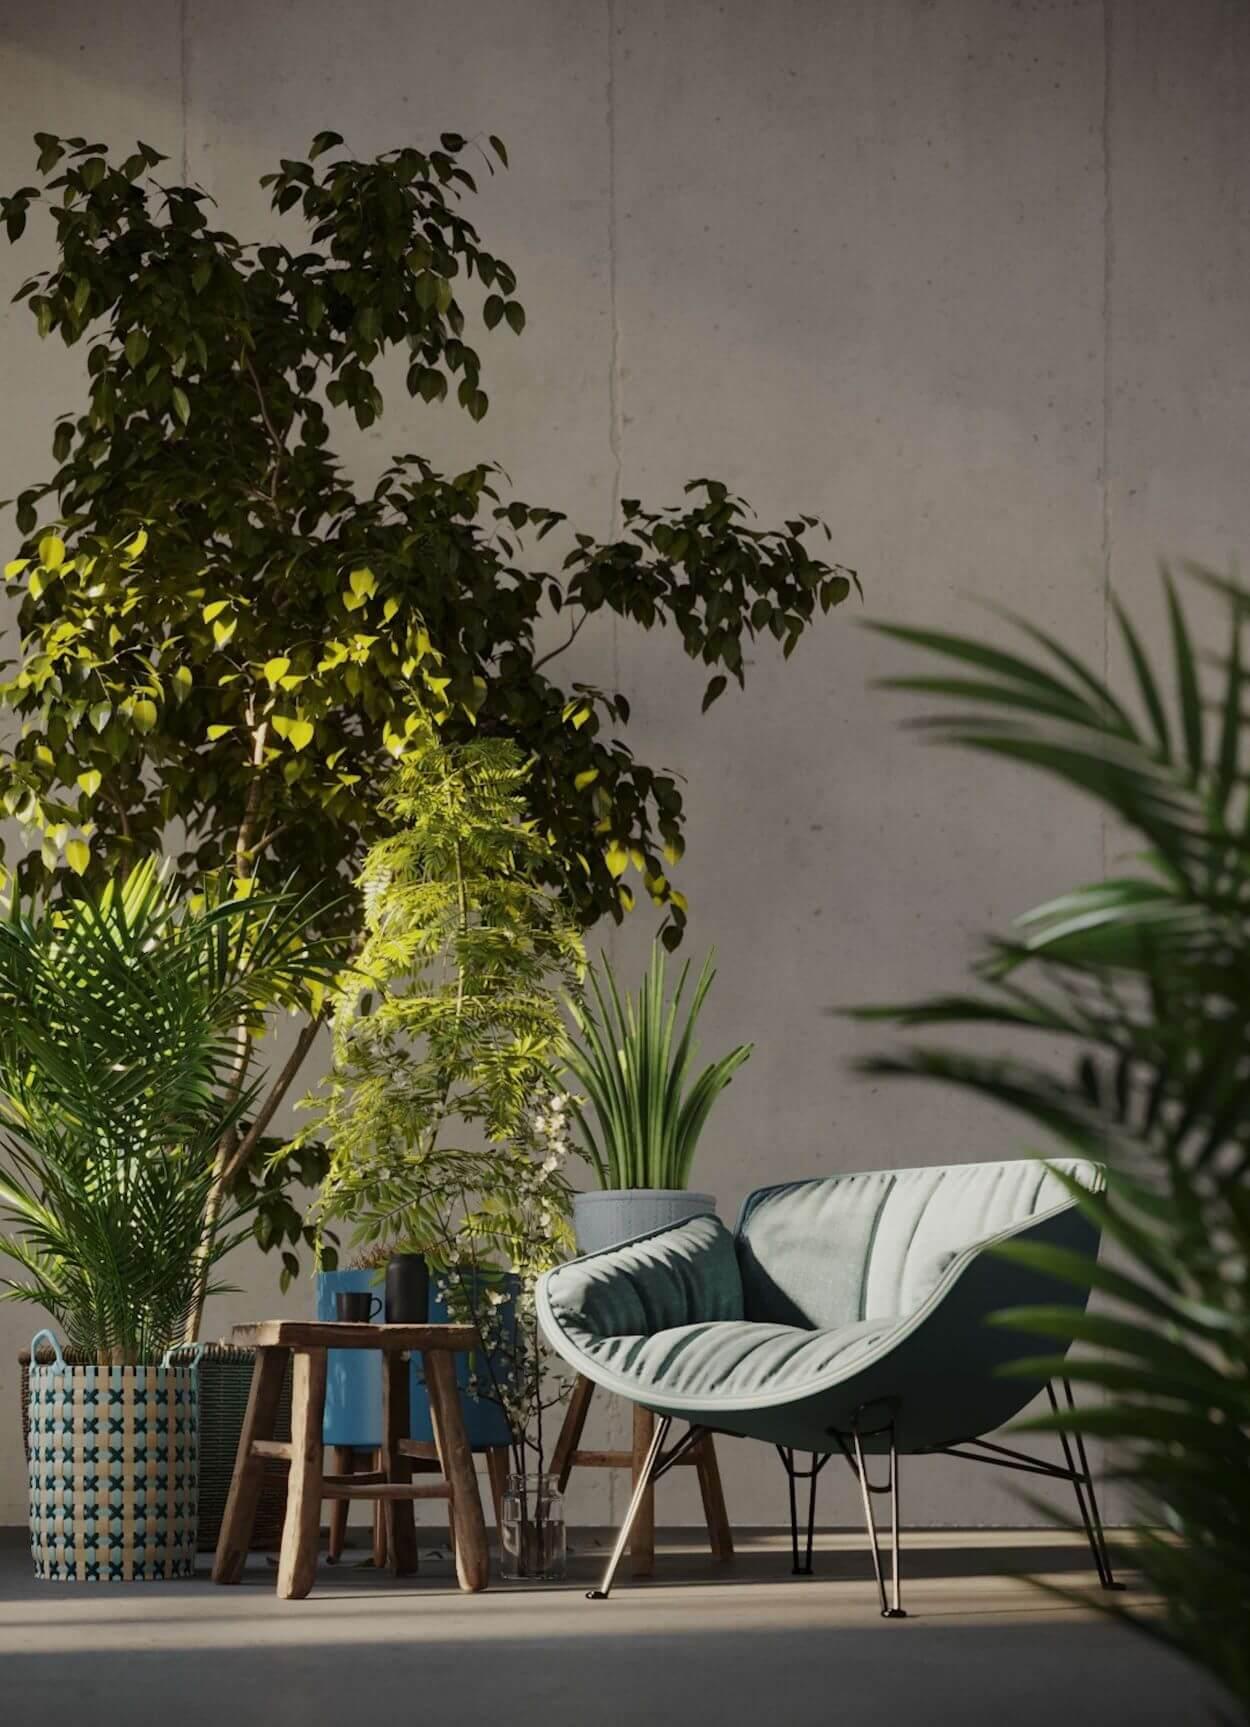 Pflanzen und Sofa in Szene gesetzt